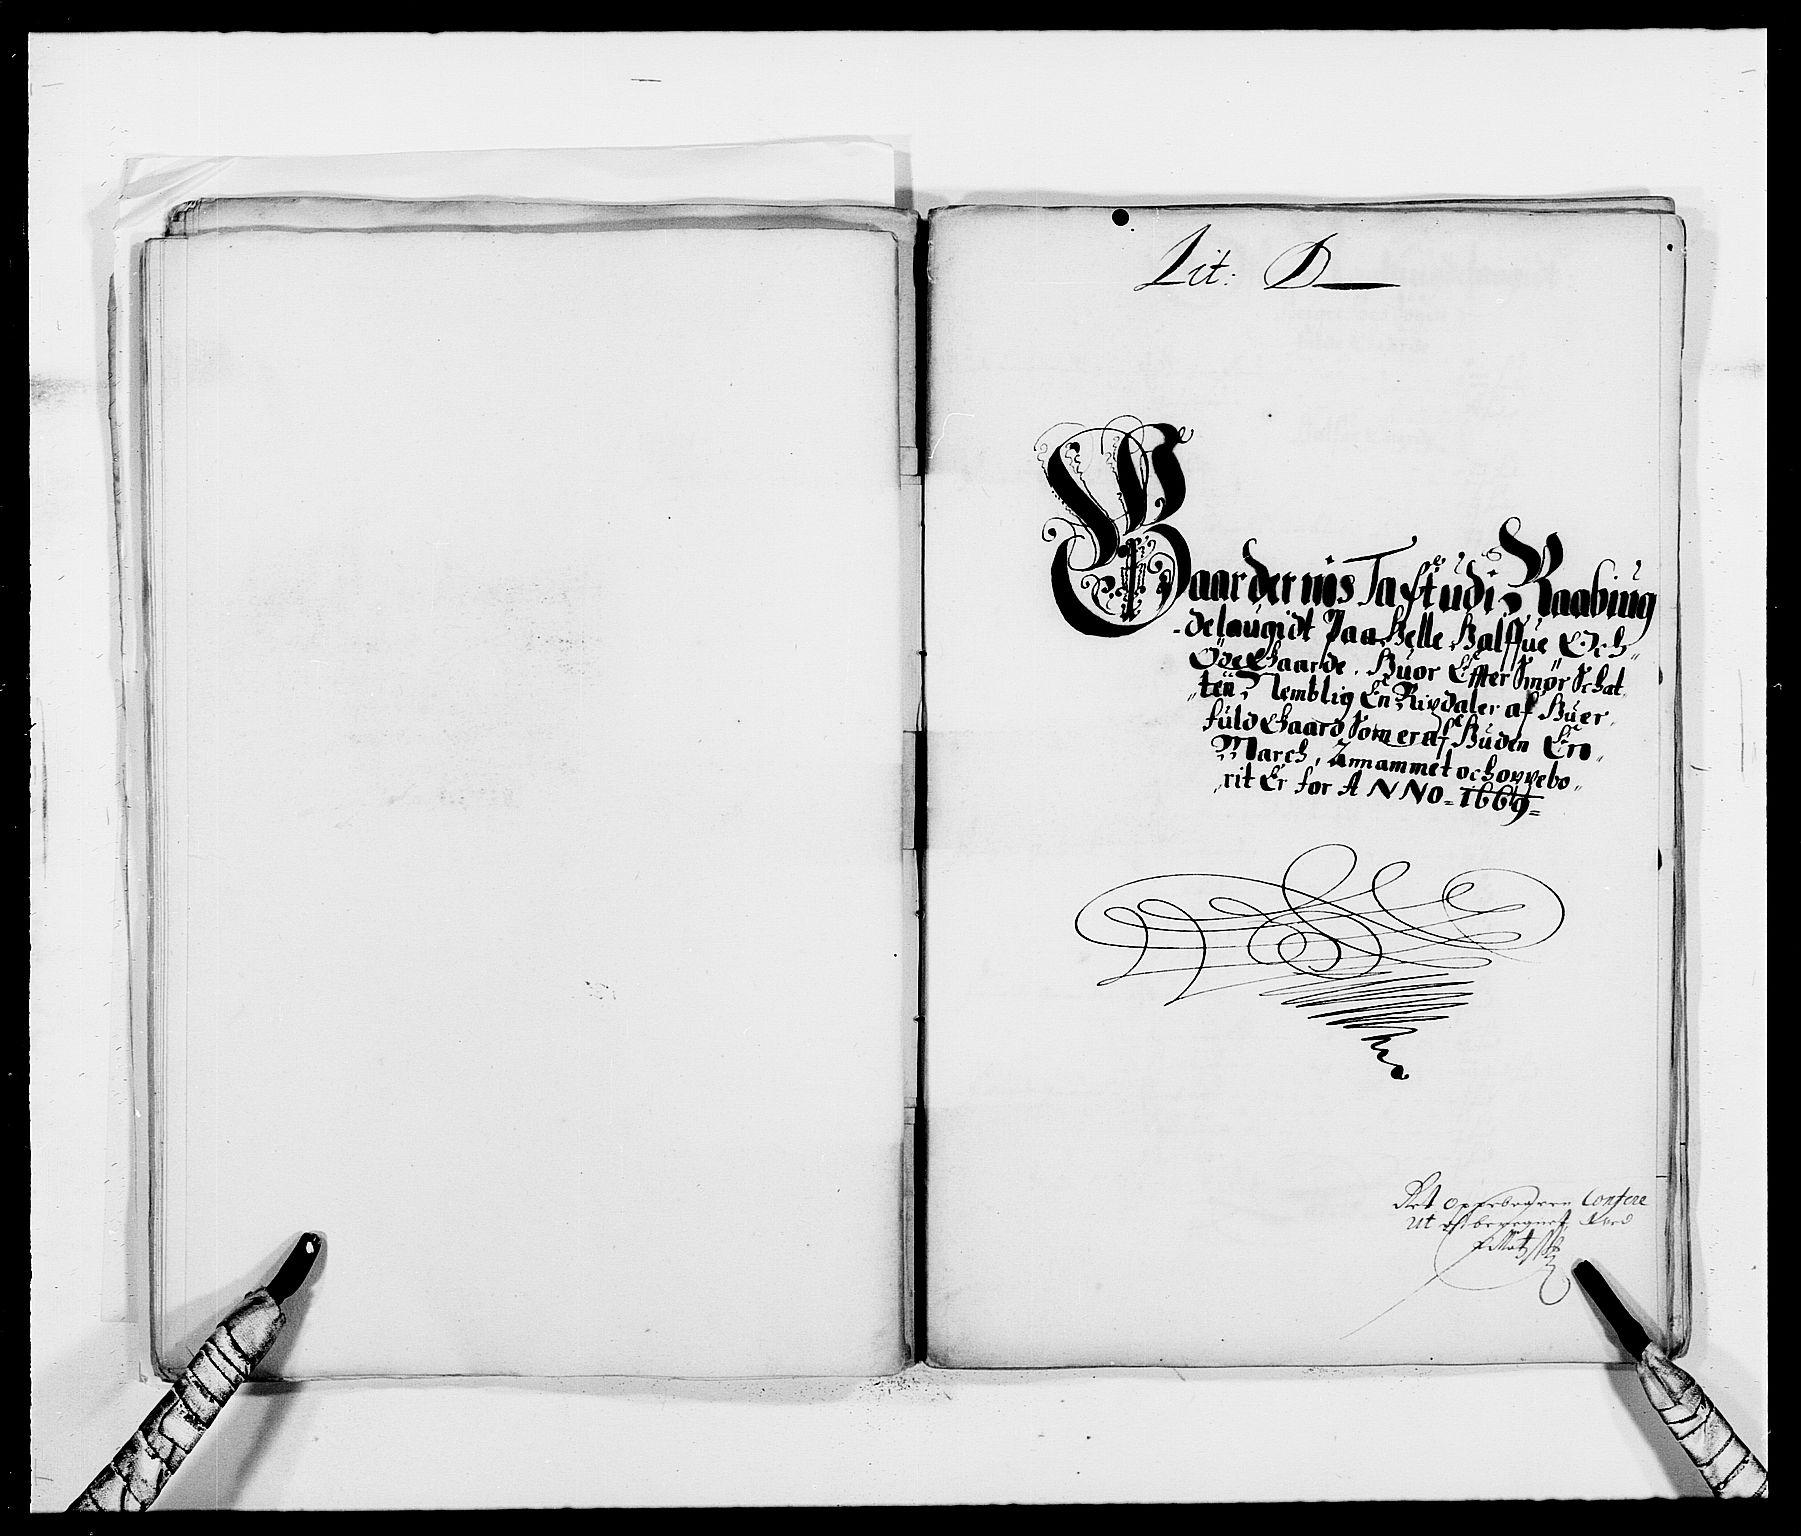 RA, Rentekammeret inntil 1814, Reviderte regnskaper, Fogderegnskap, R40/L2432: Fogderegnskap Råbyggelag, 1669-1670, s. 87